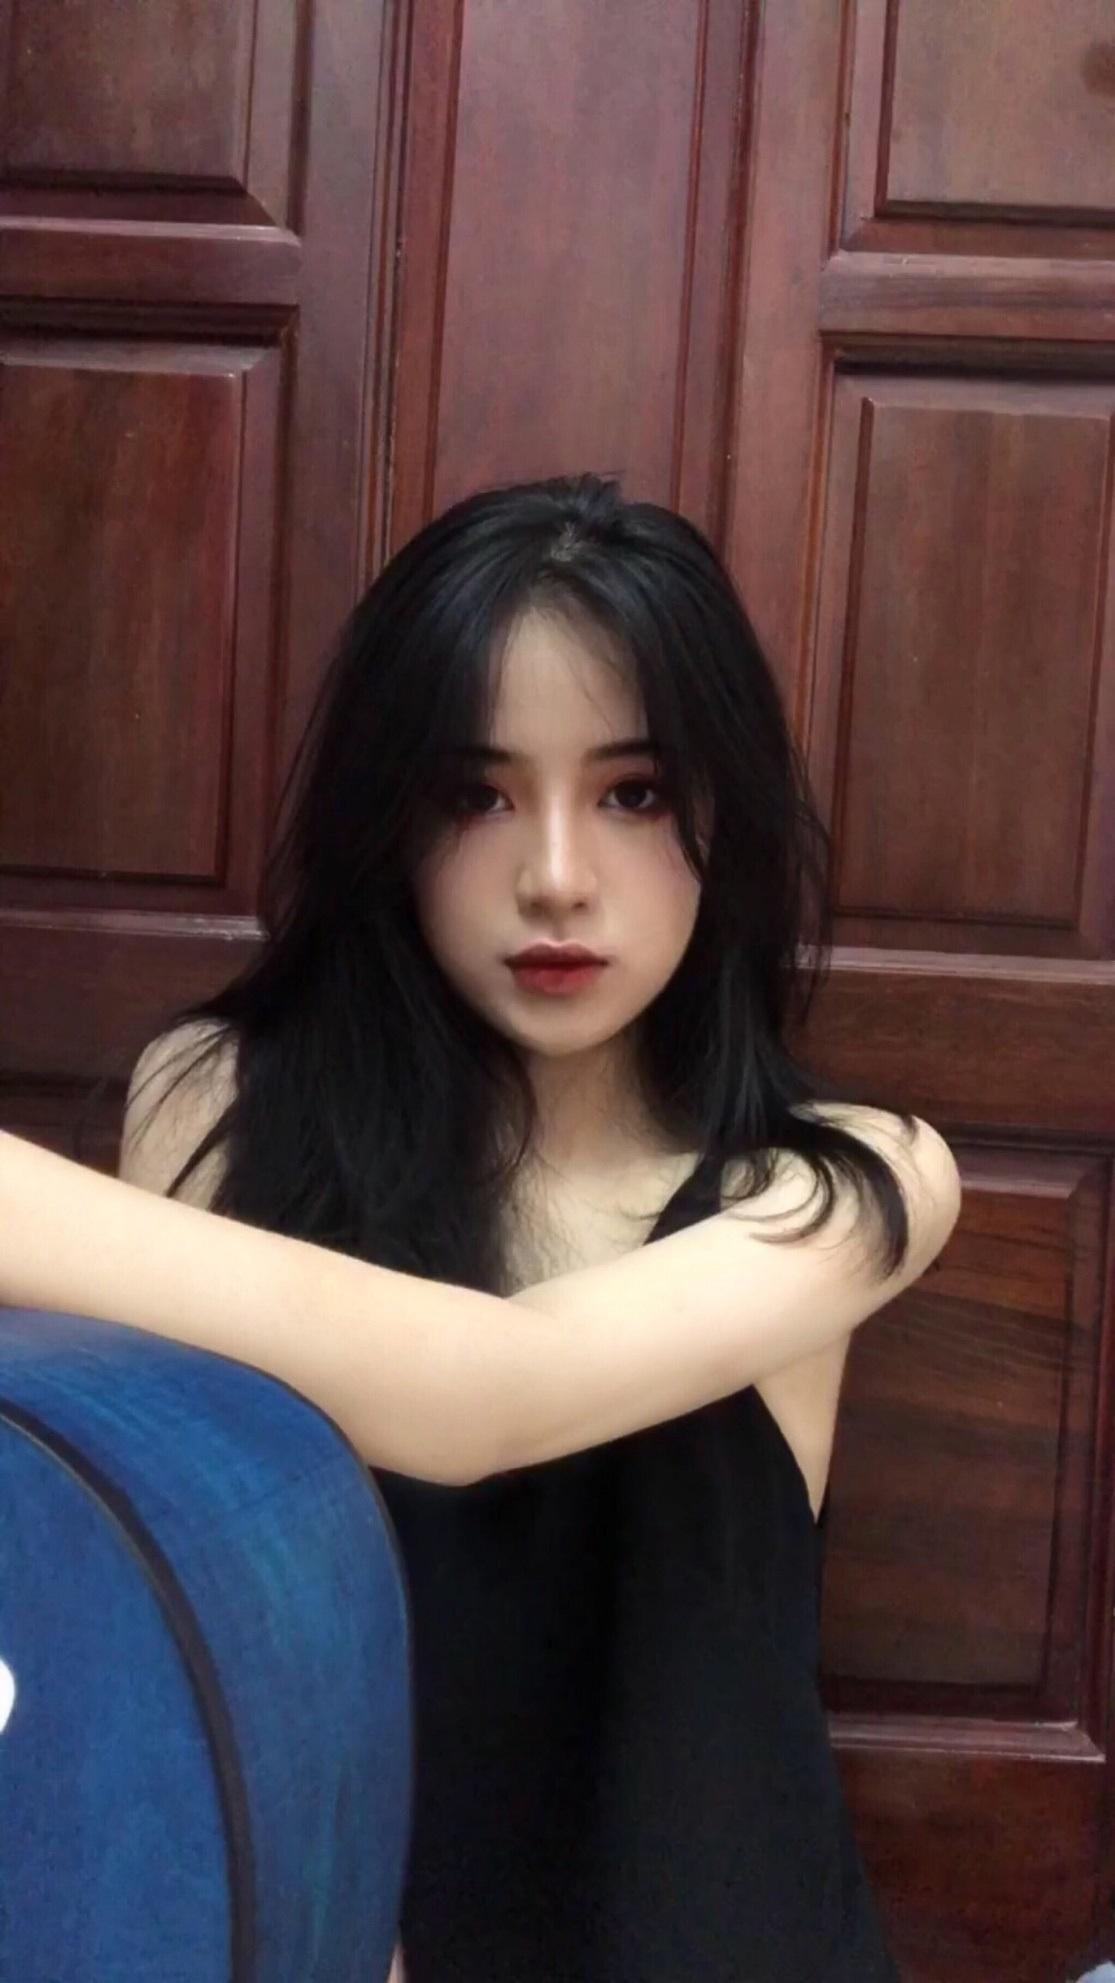 Nữ sinh xứ Thanh bất ngờ nổi tiếng với khoảnh khắc kỷ yếu ngọt ngào - 6